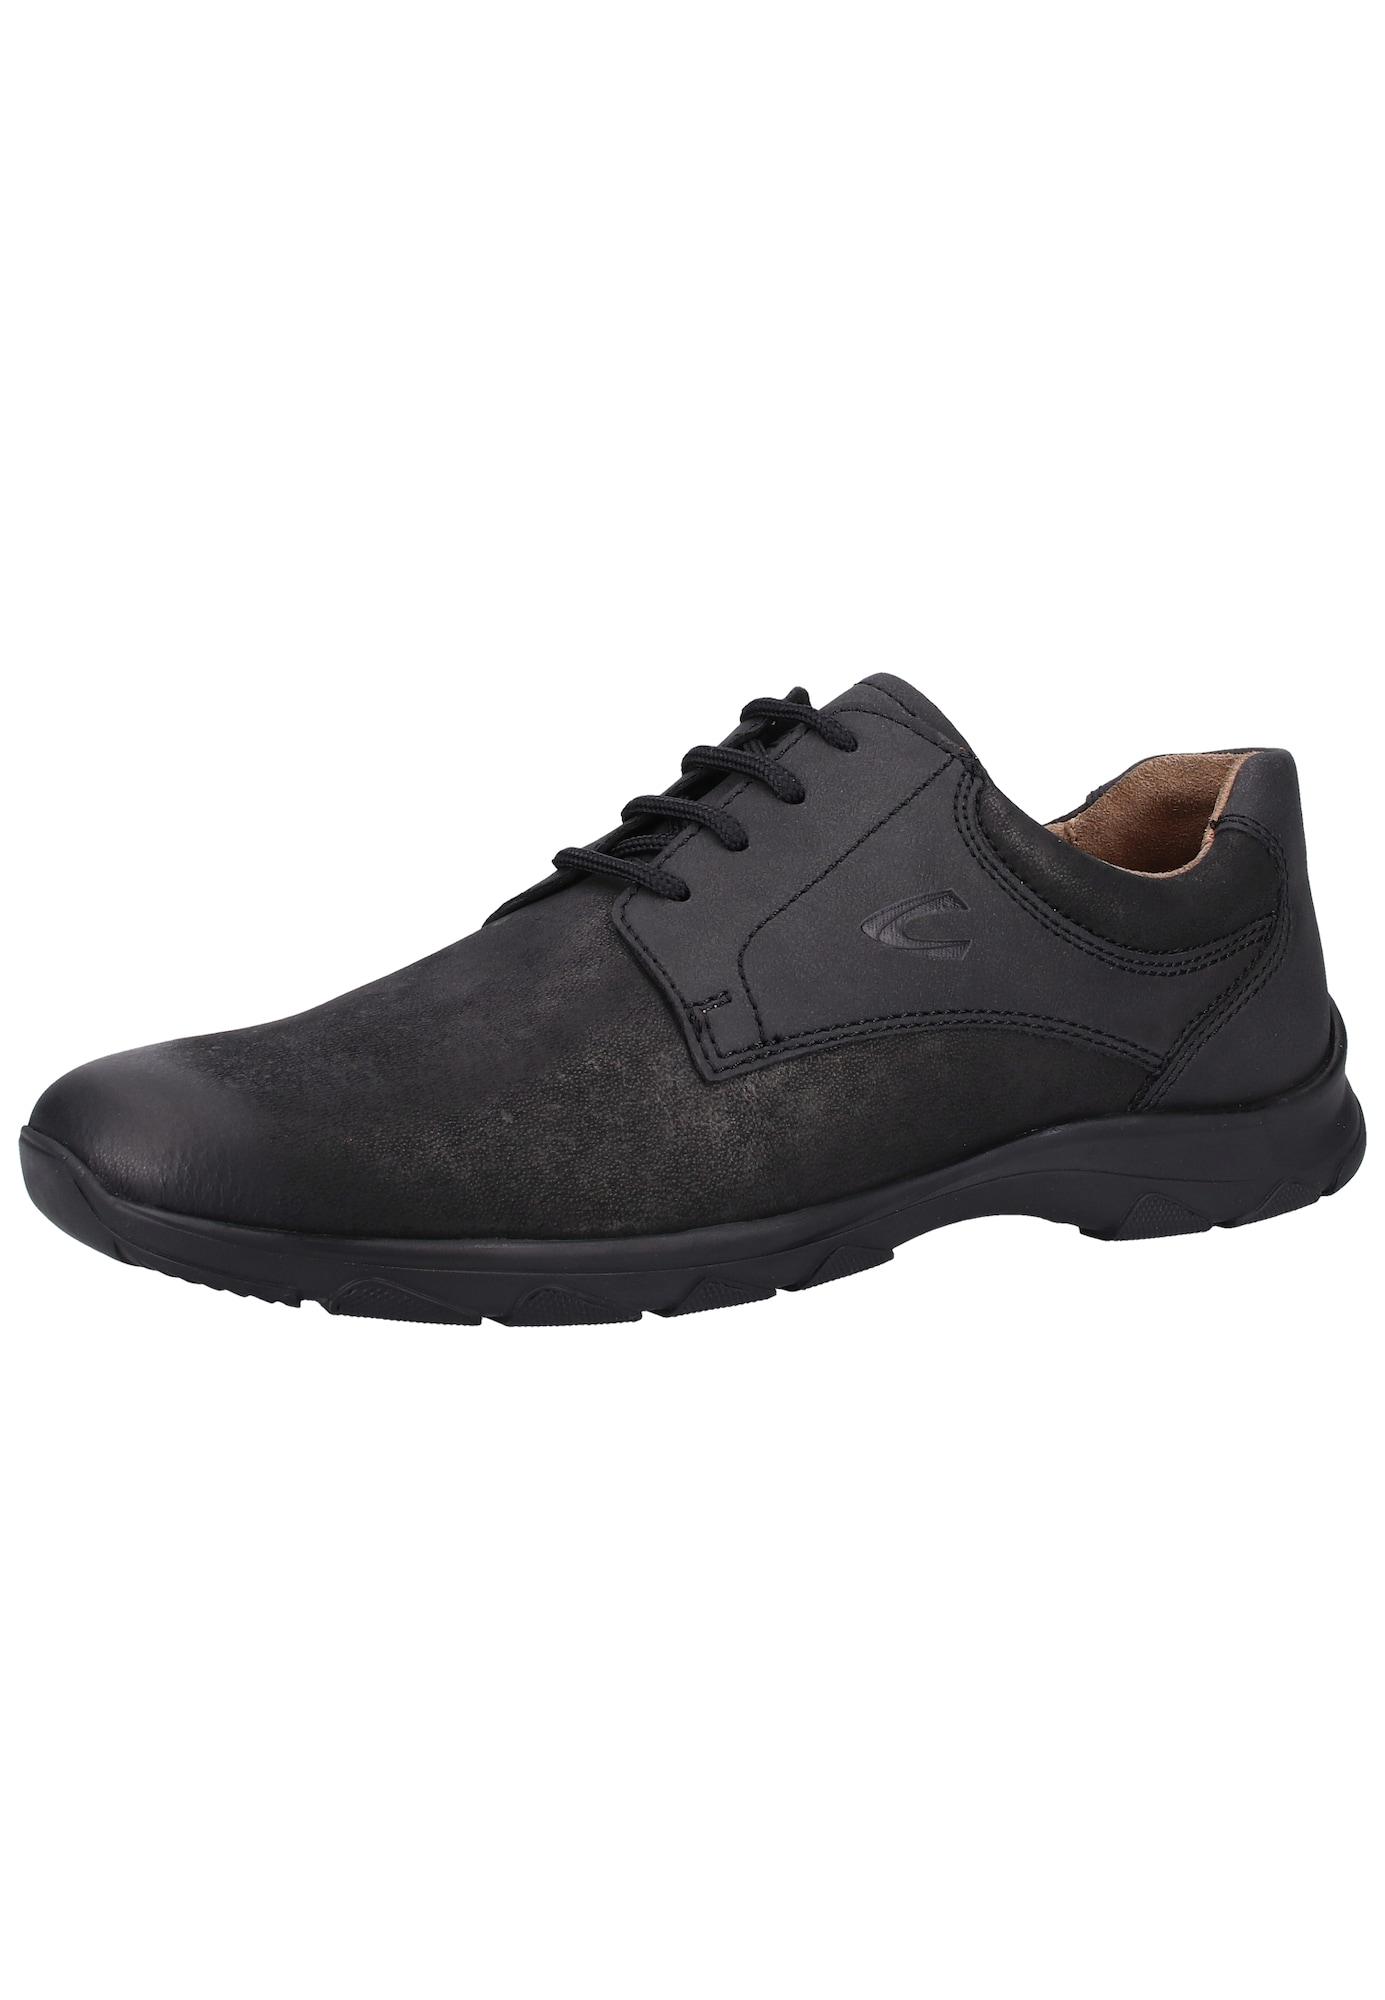 Halbschuhe | Schuhe > Boots > Boots | Schwarz | camel active